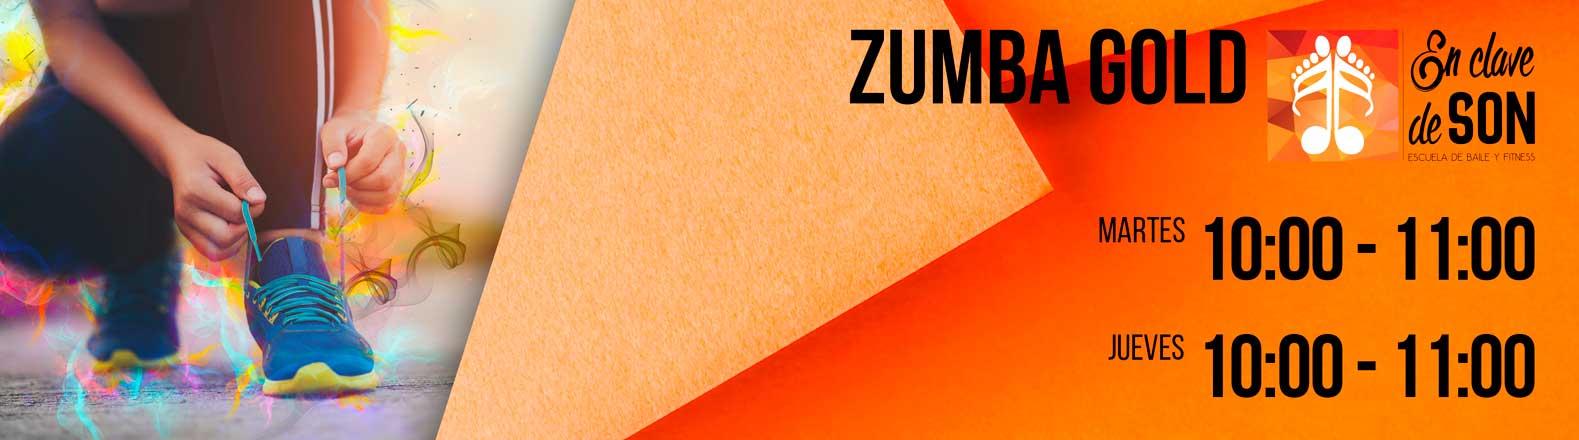 Zumba Gold Pamplona